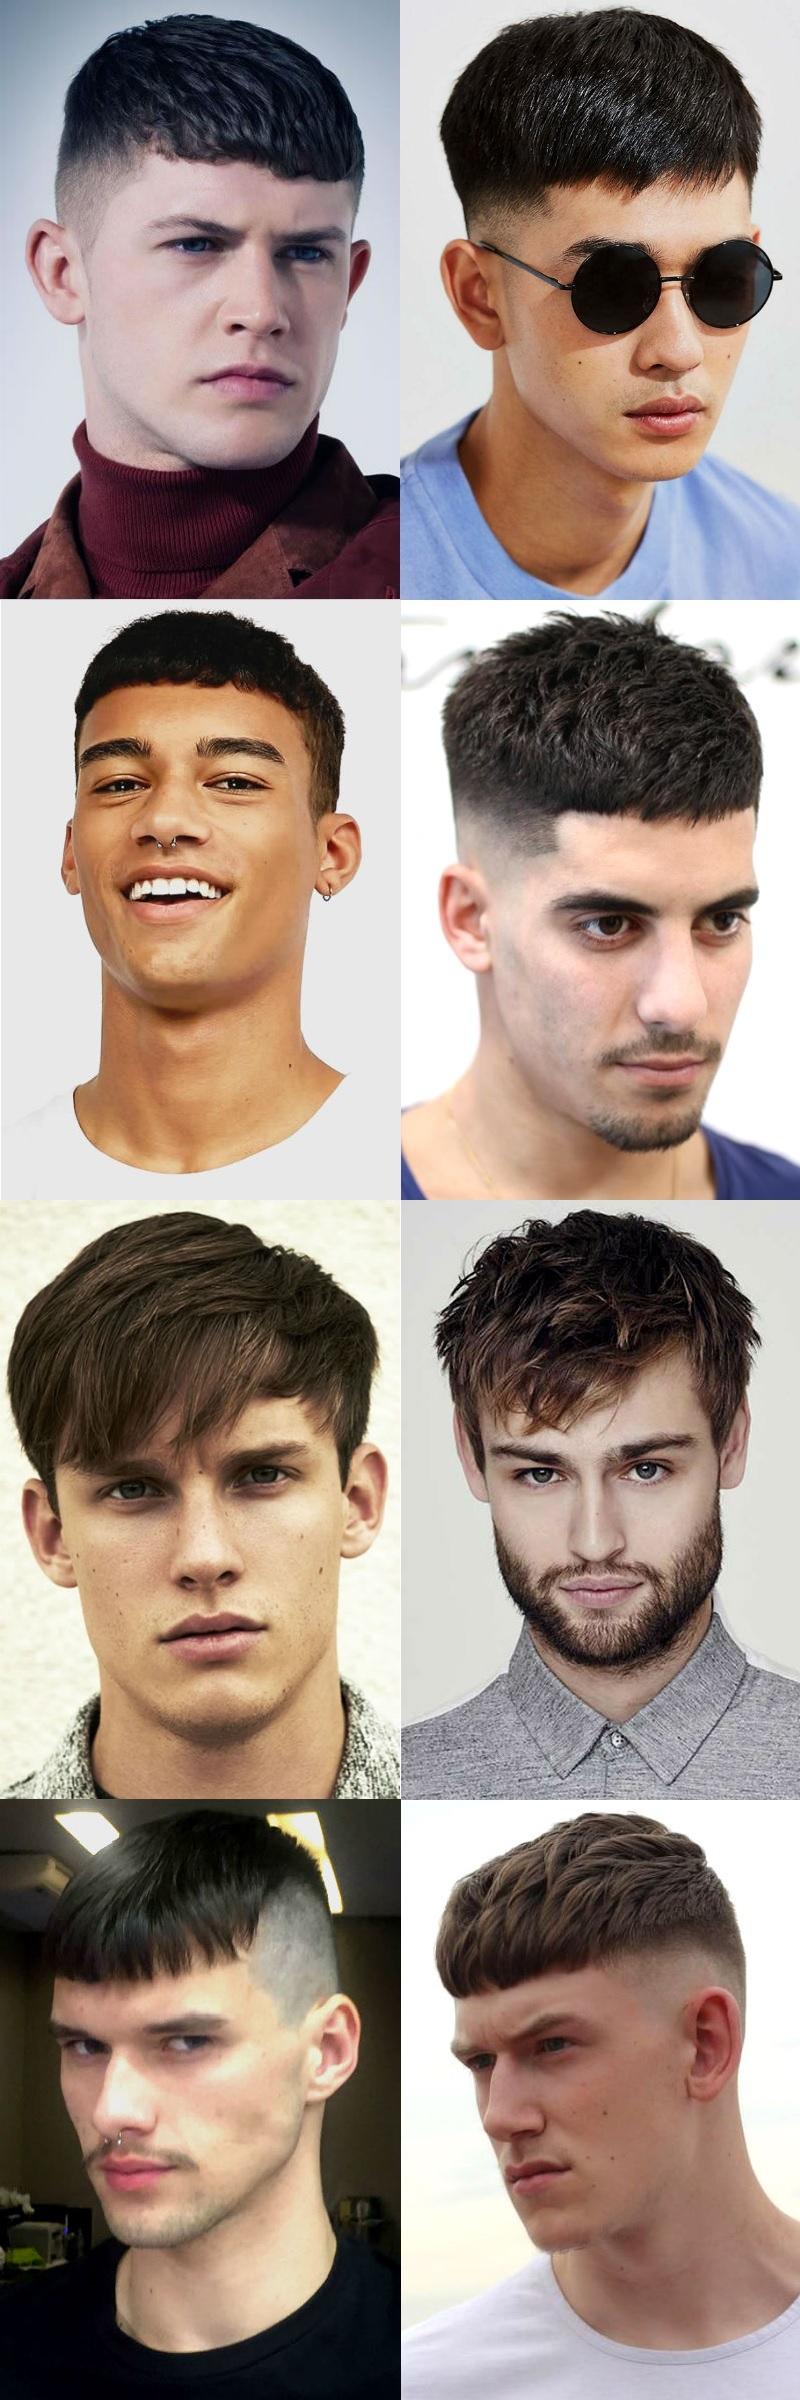 homem-no-espelho-cortes-de-cabelo-masculinos-2017-franja